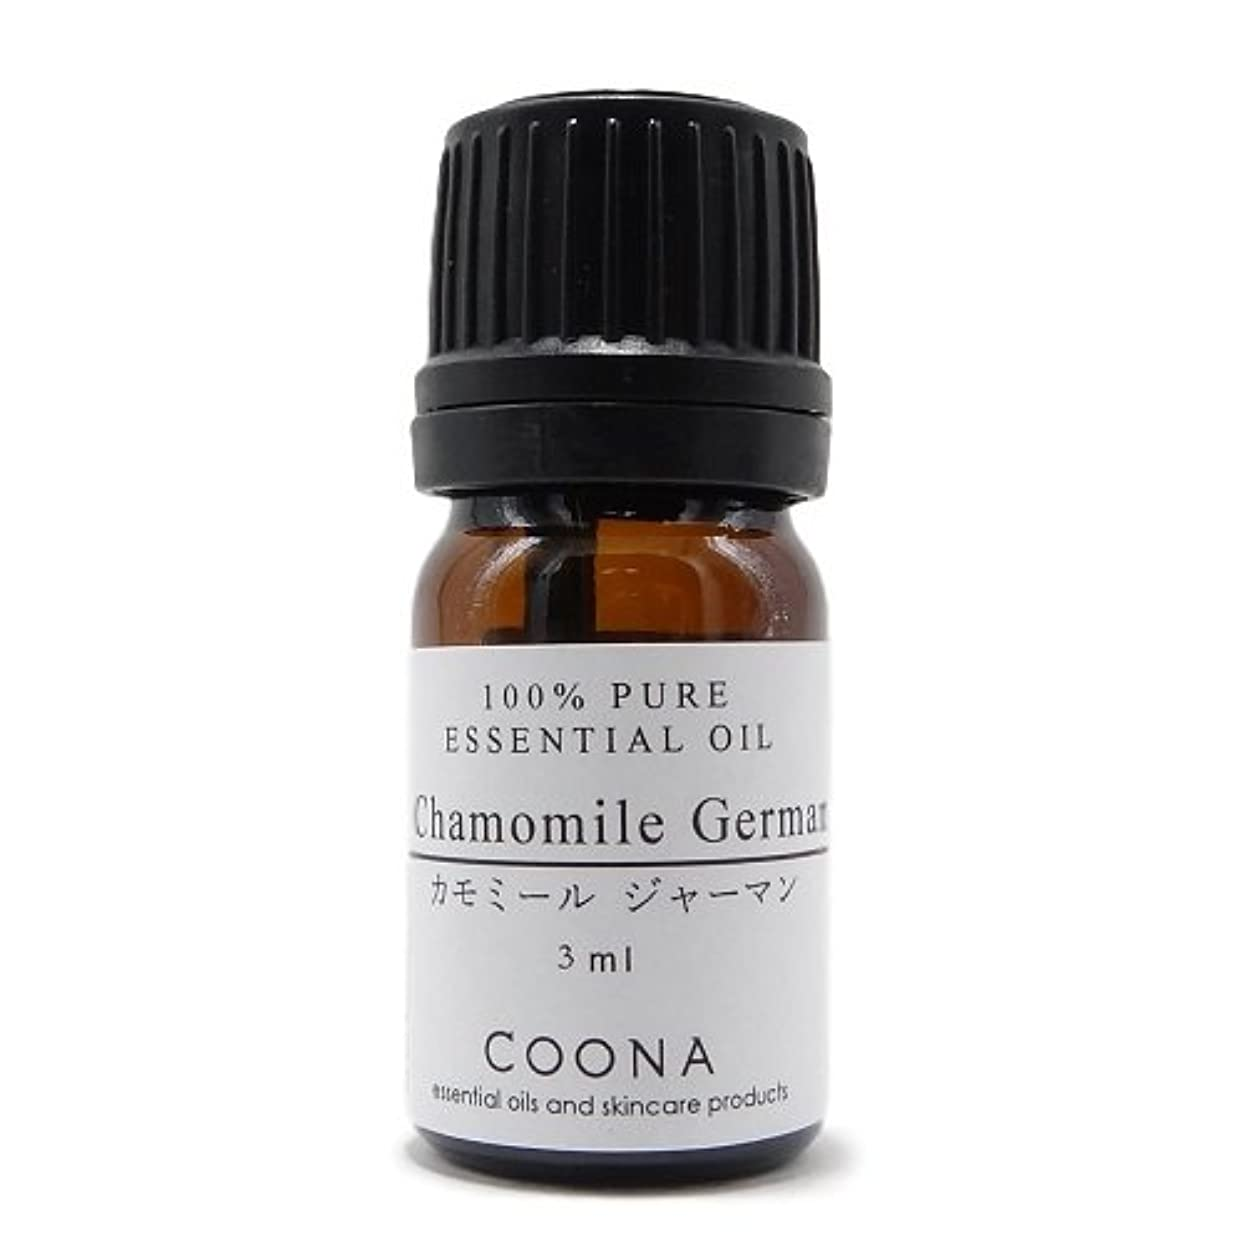 香りピストン仮定するカモミール ジャーマン 3 ml (COONA エッセンシャルオイル アロマオイル 100% 天然植物精油)